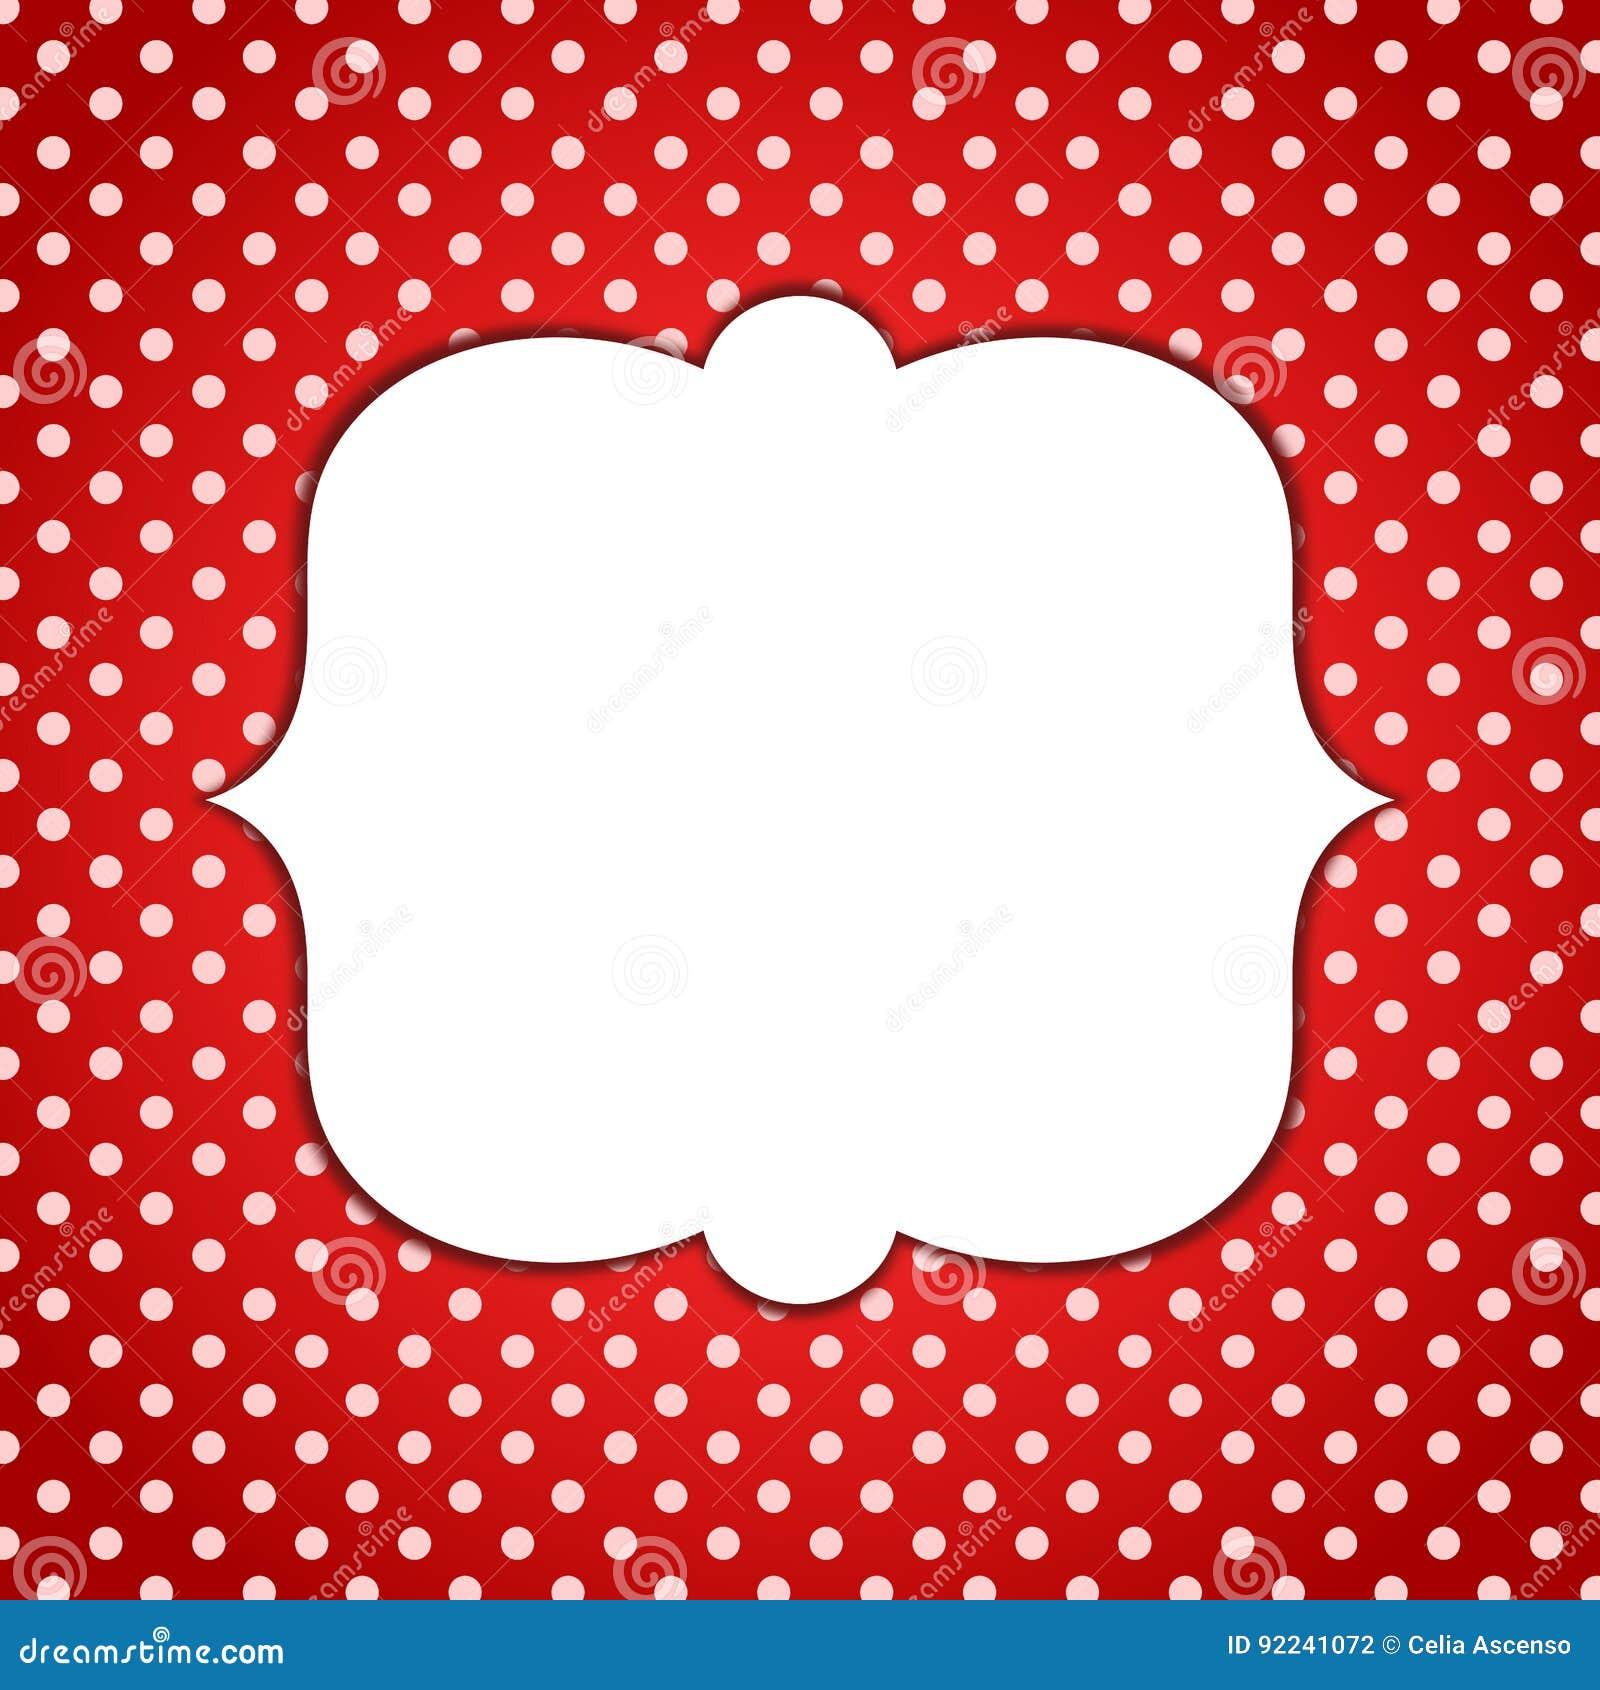 Polca vermelha dots invitation card do quadro de minnie ilustrao download comp stopboris Choice Image